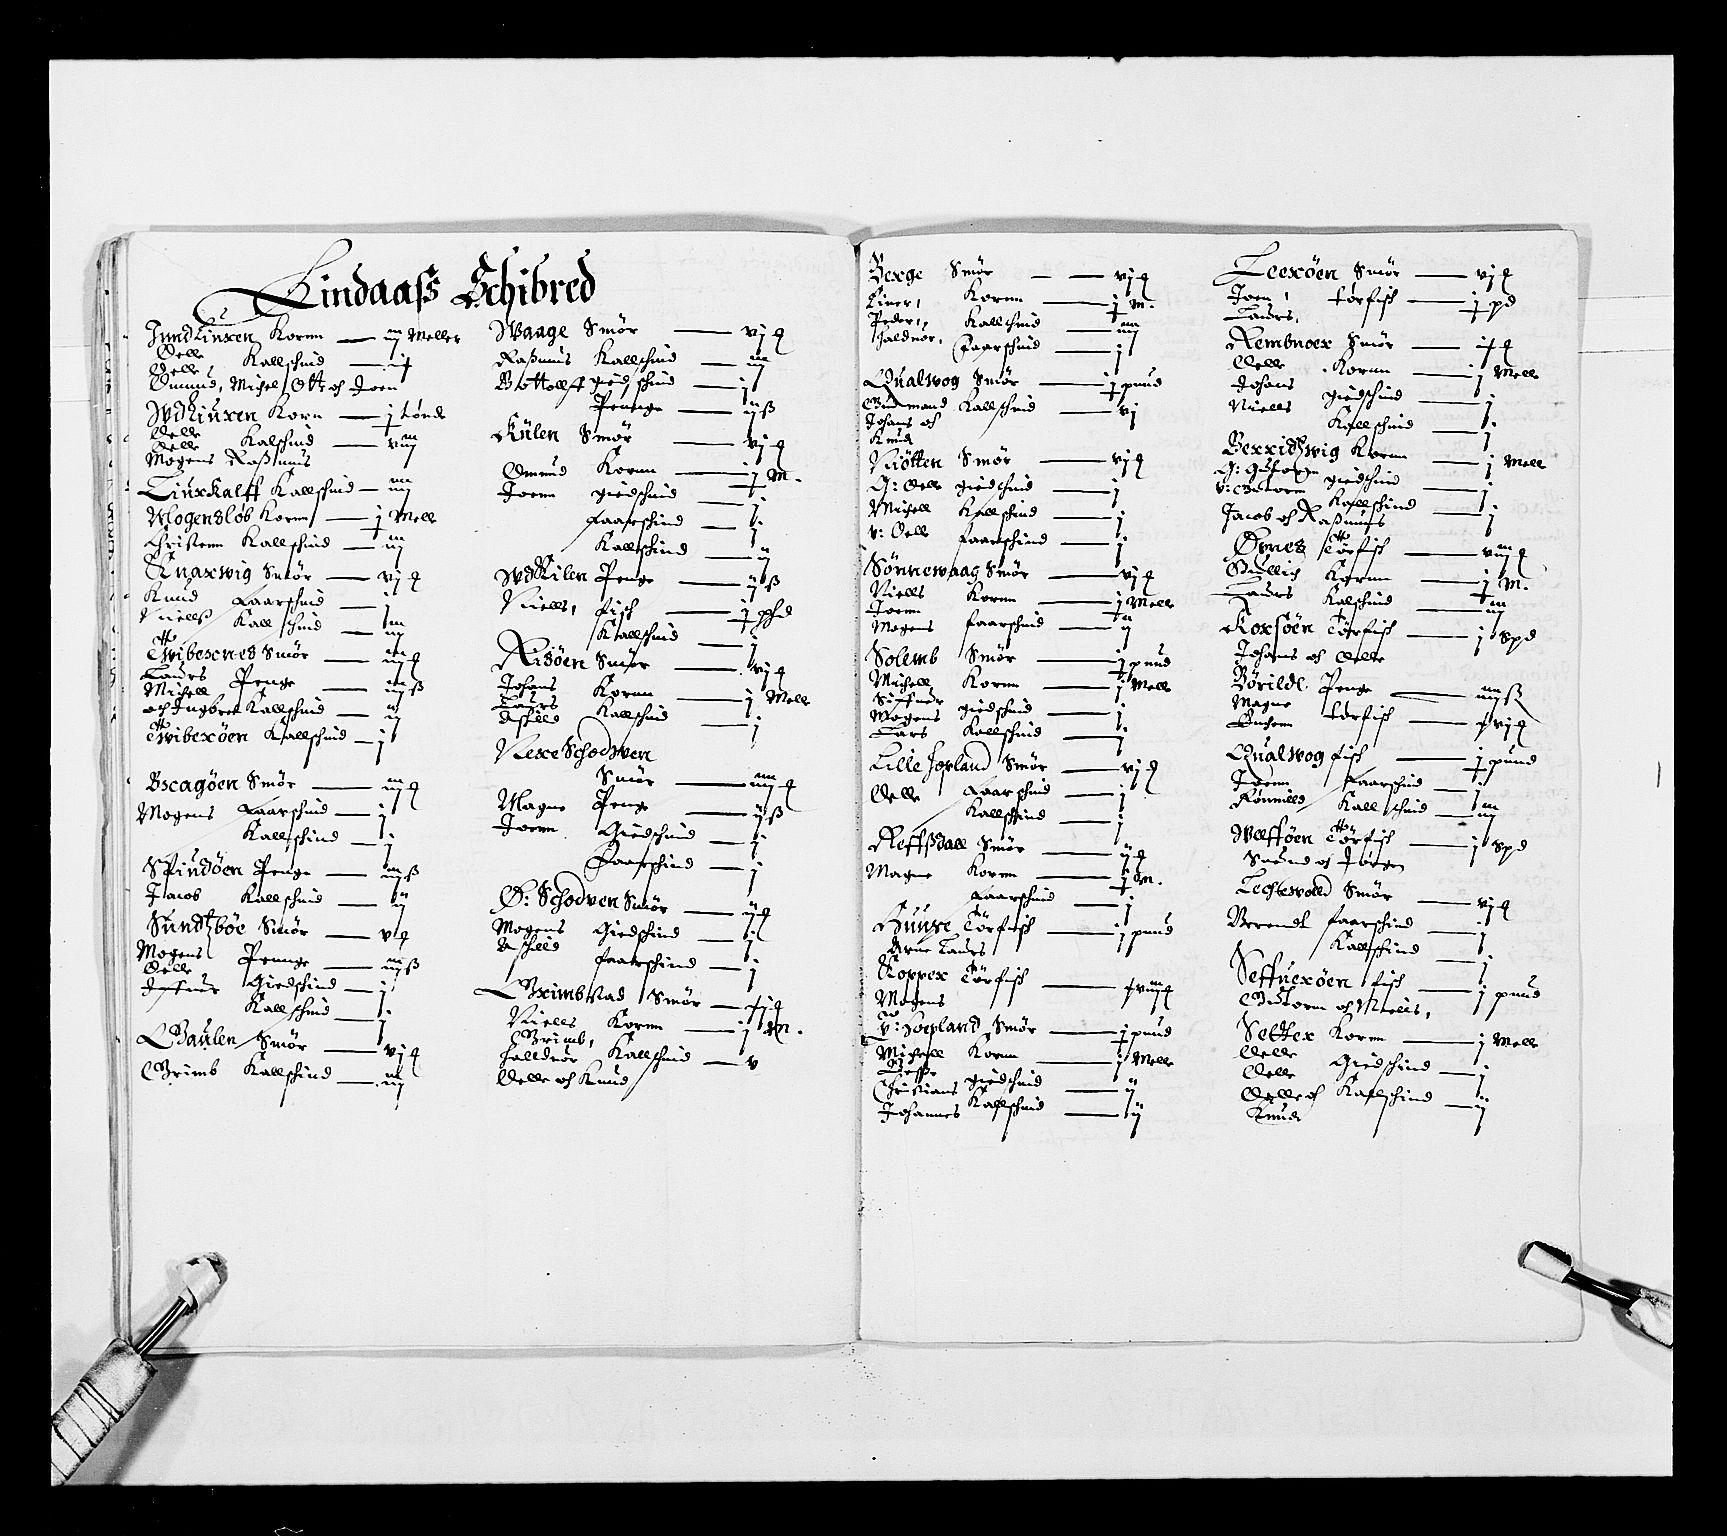 RA, Stattholderembetet 1572-1771, Ek/L0025: Jordebøker 1633-1658:, 1645-1646, s. 91